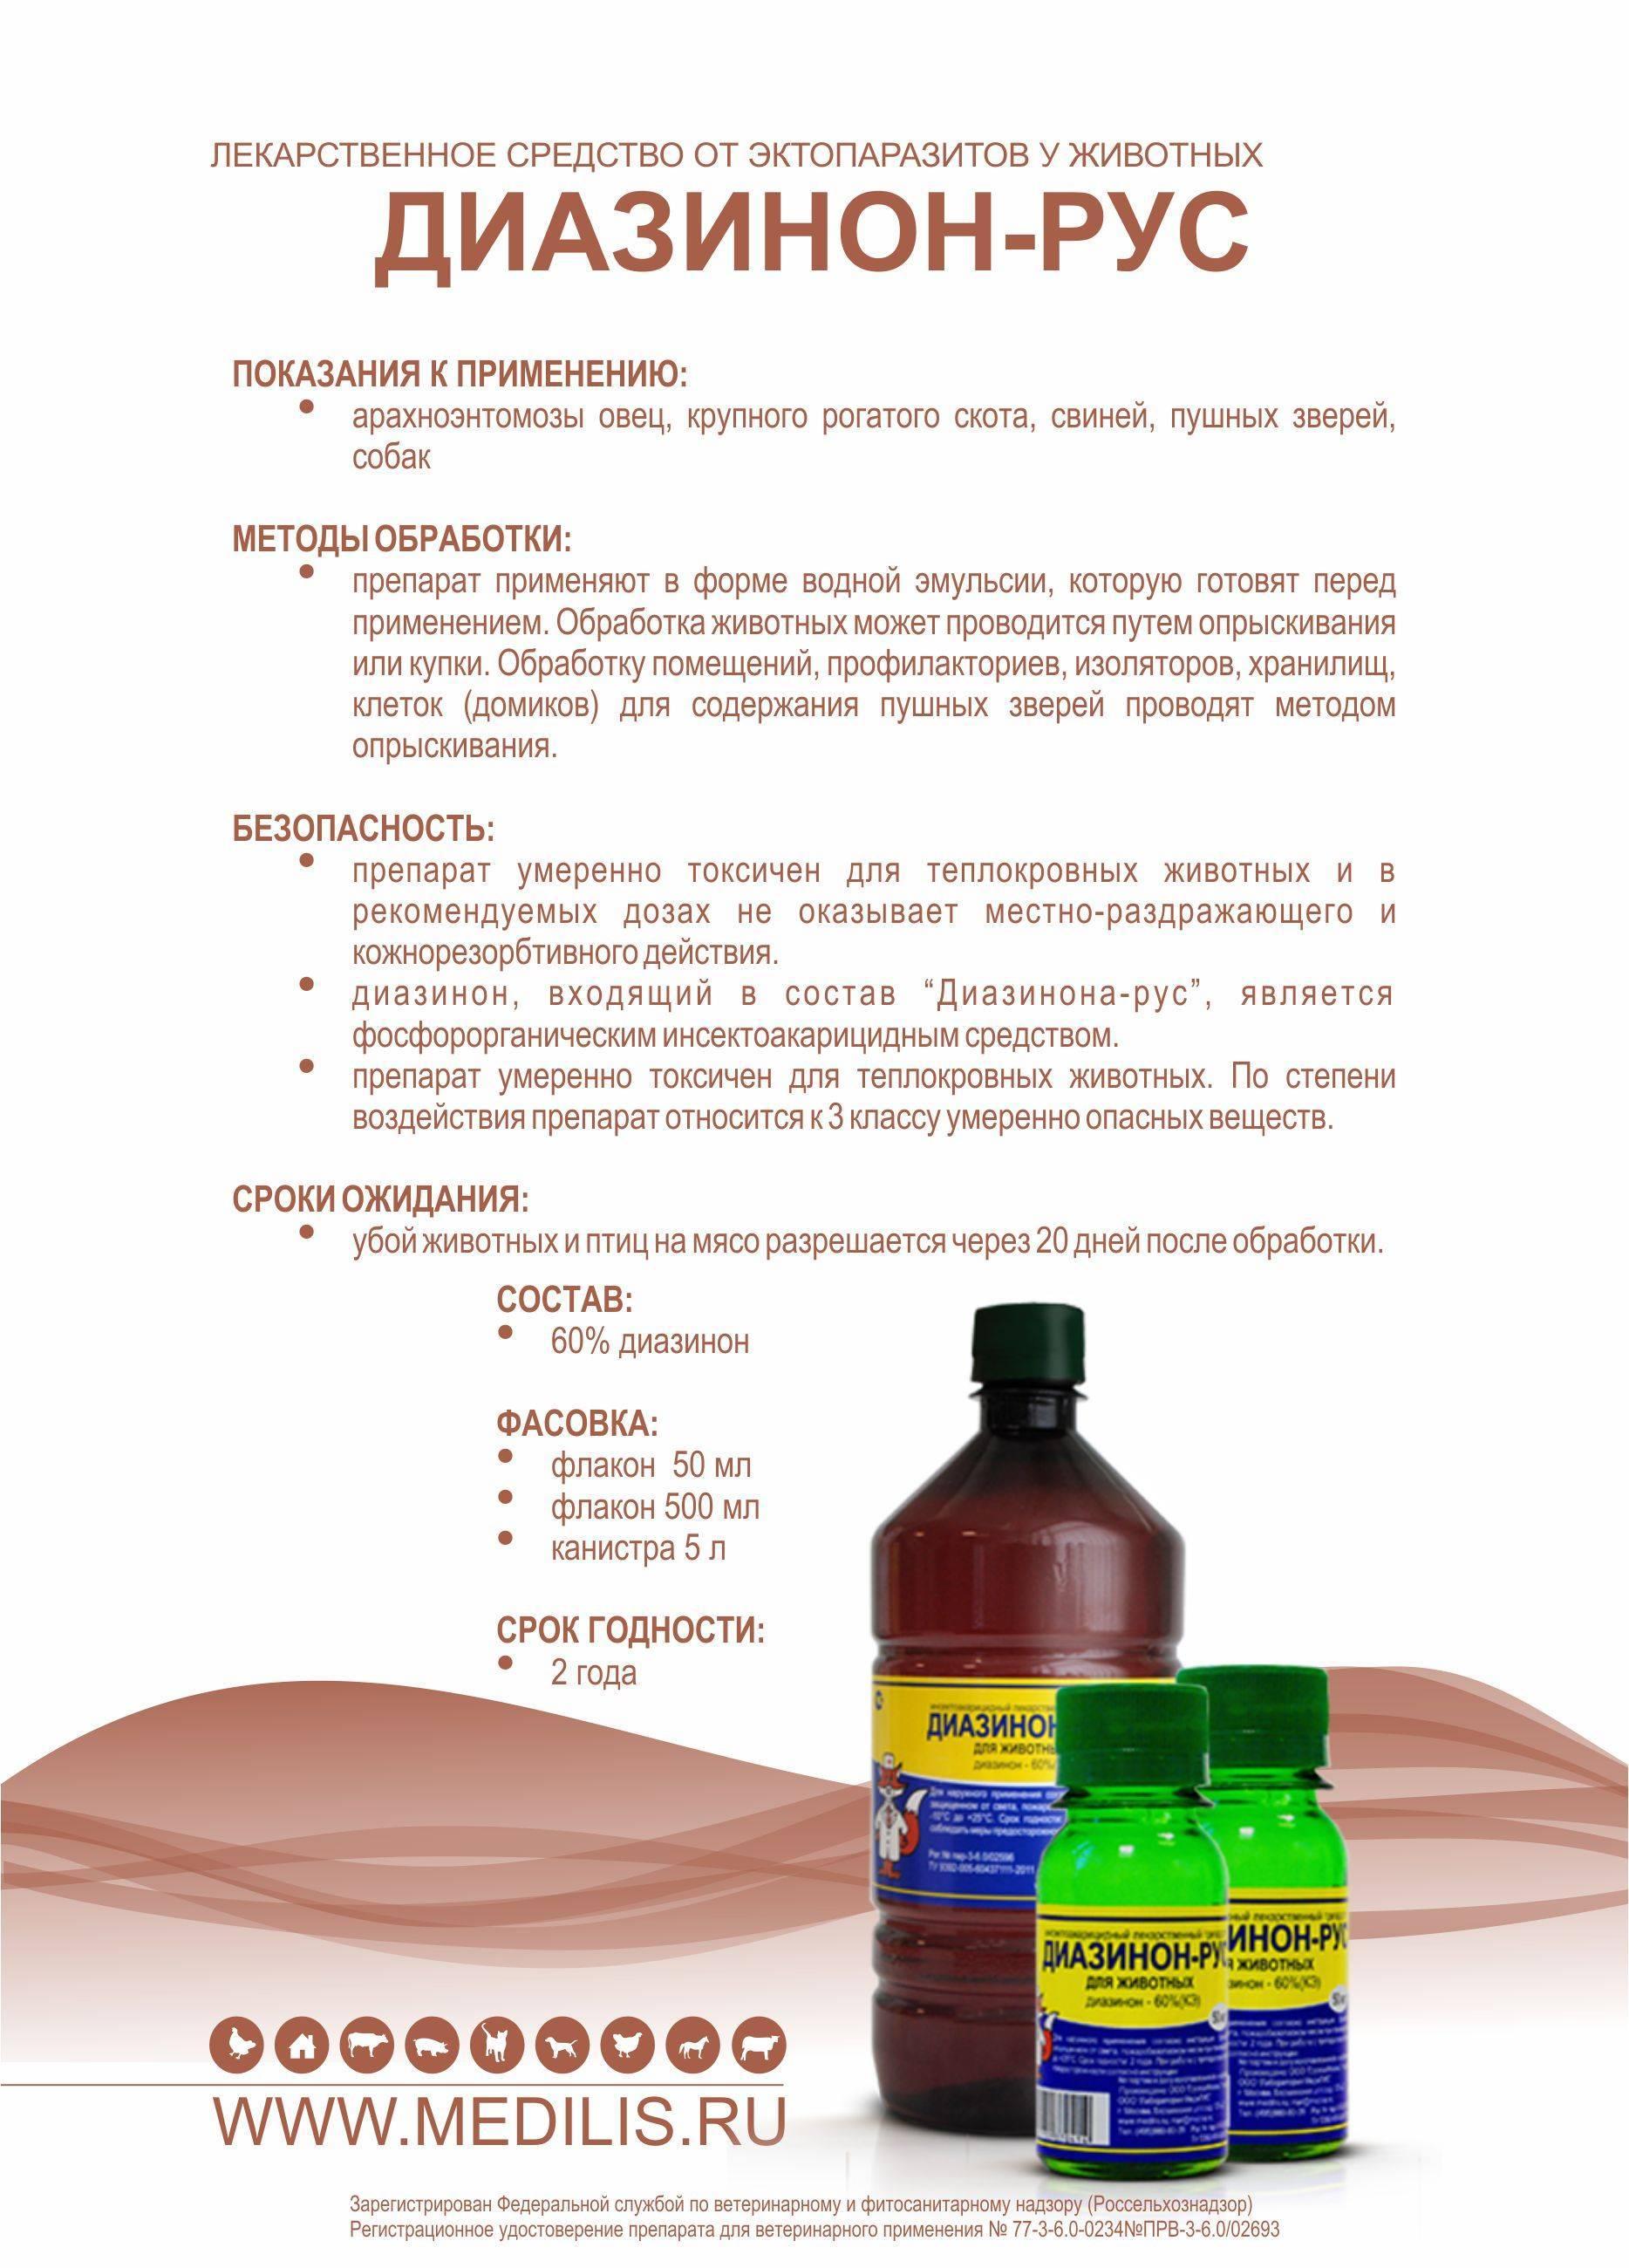 Инсектицид диазинон: химический состав и вред для человека.